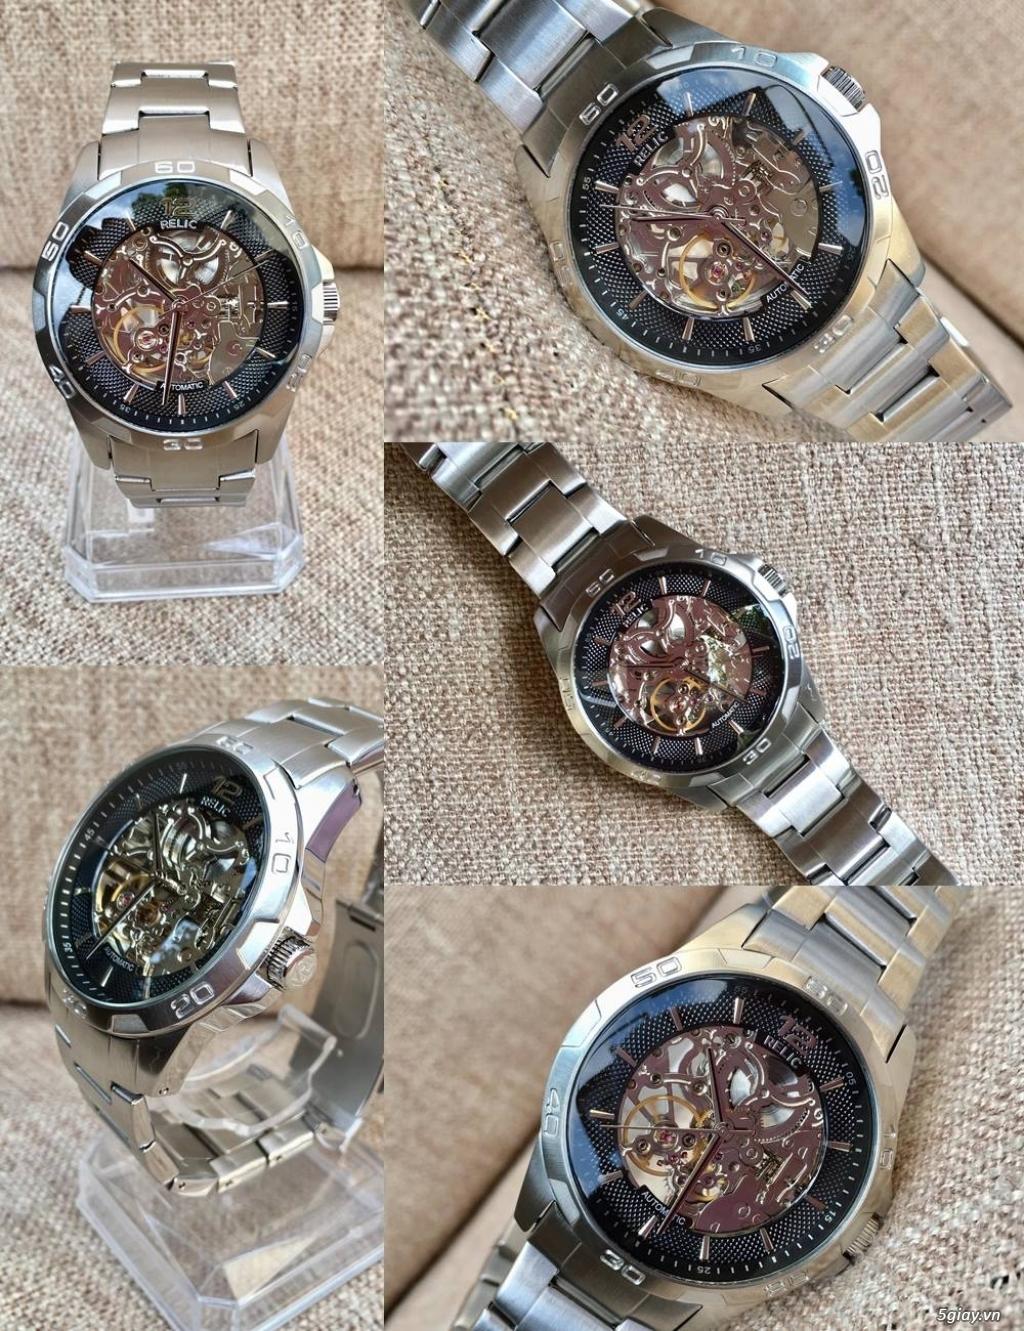 Kho đồng hồ xách tay chính hãng secondhand update liên tục - 34